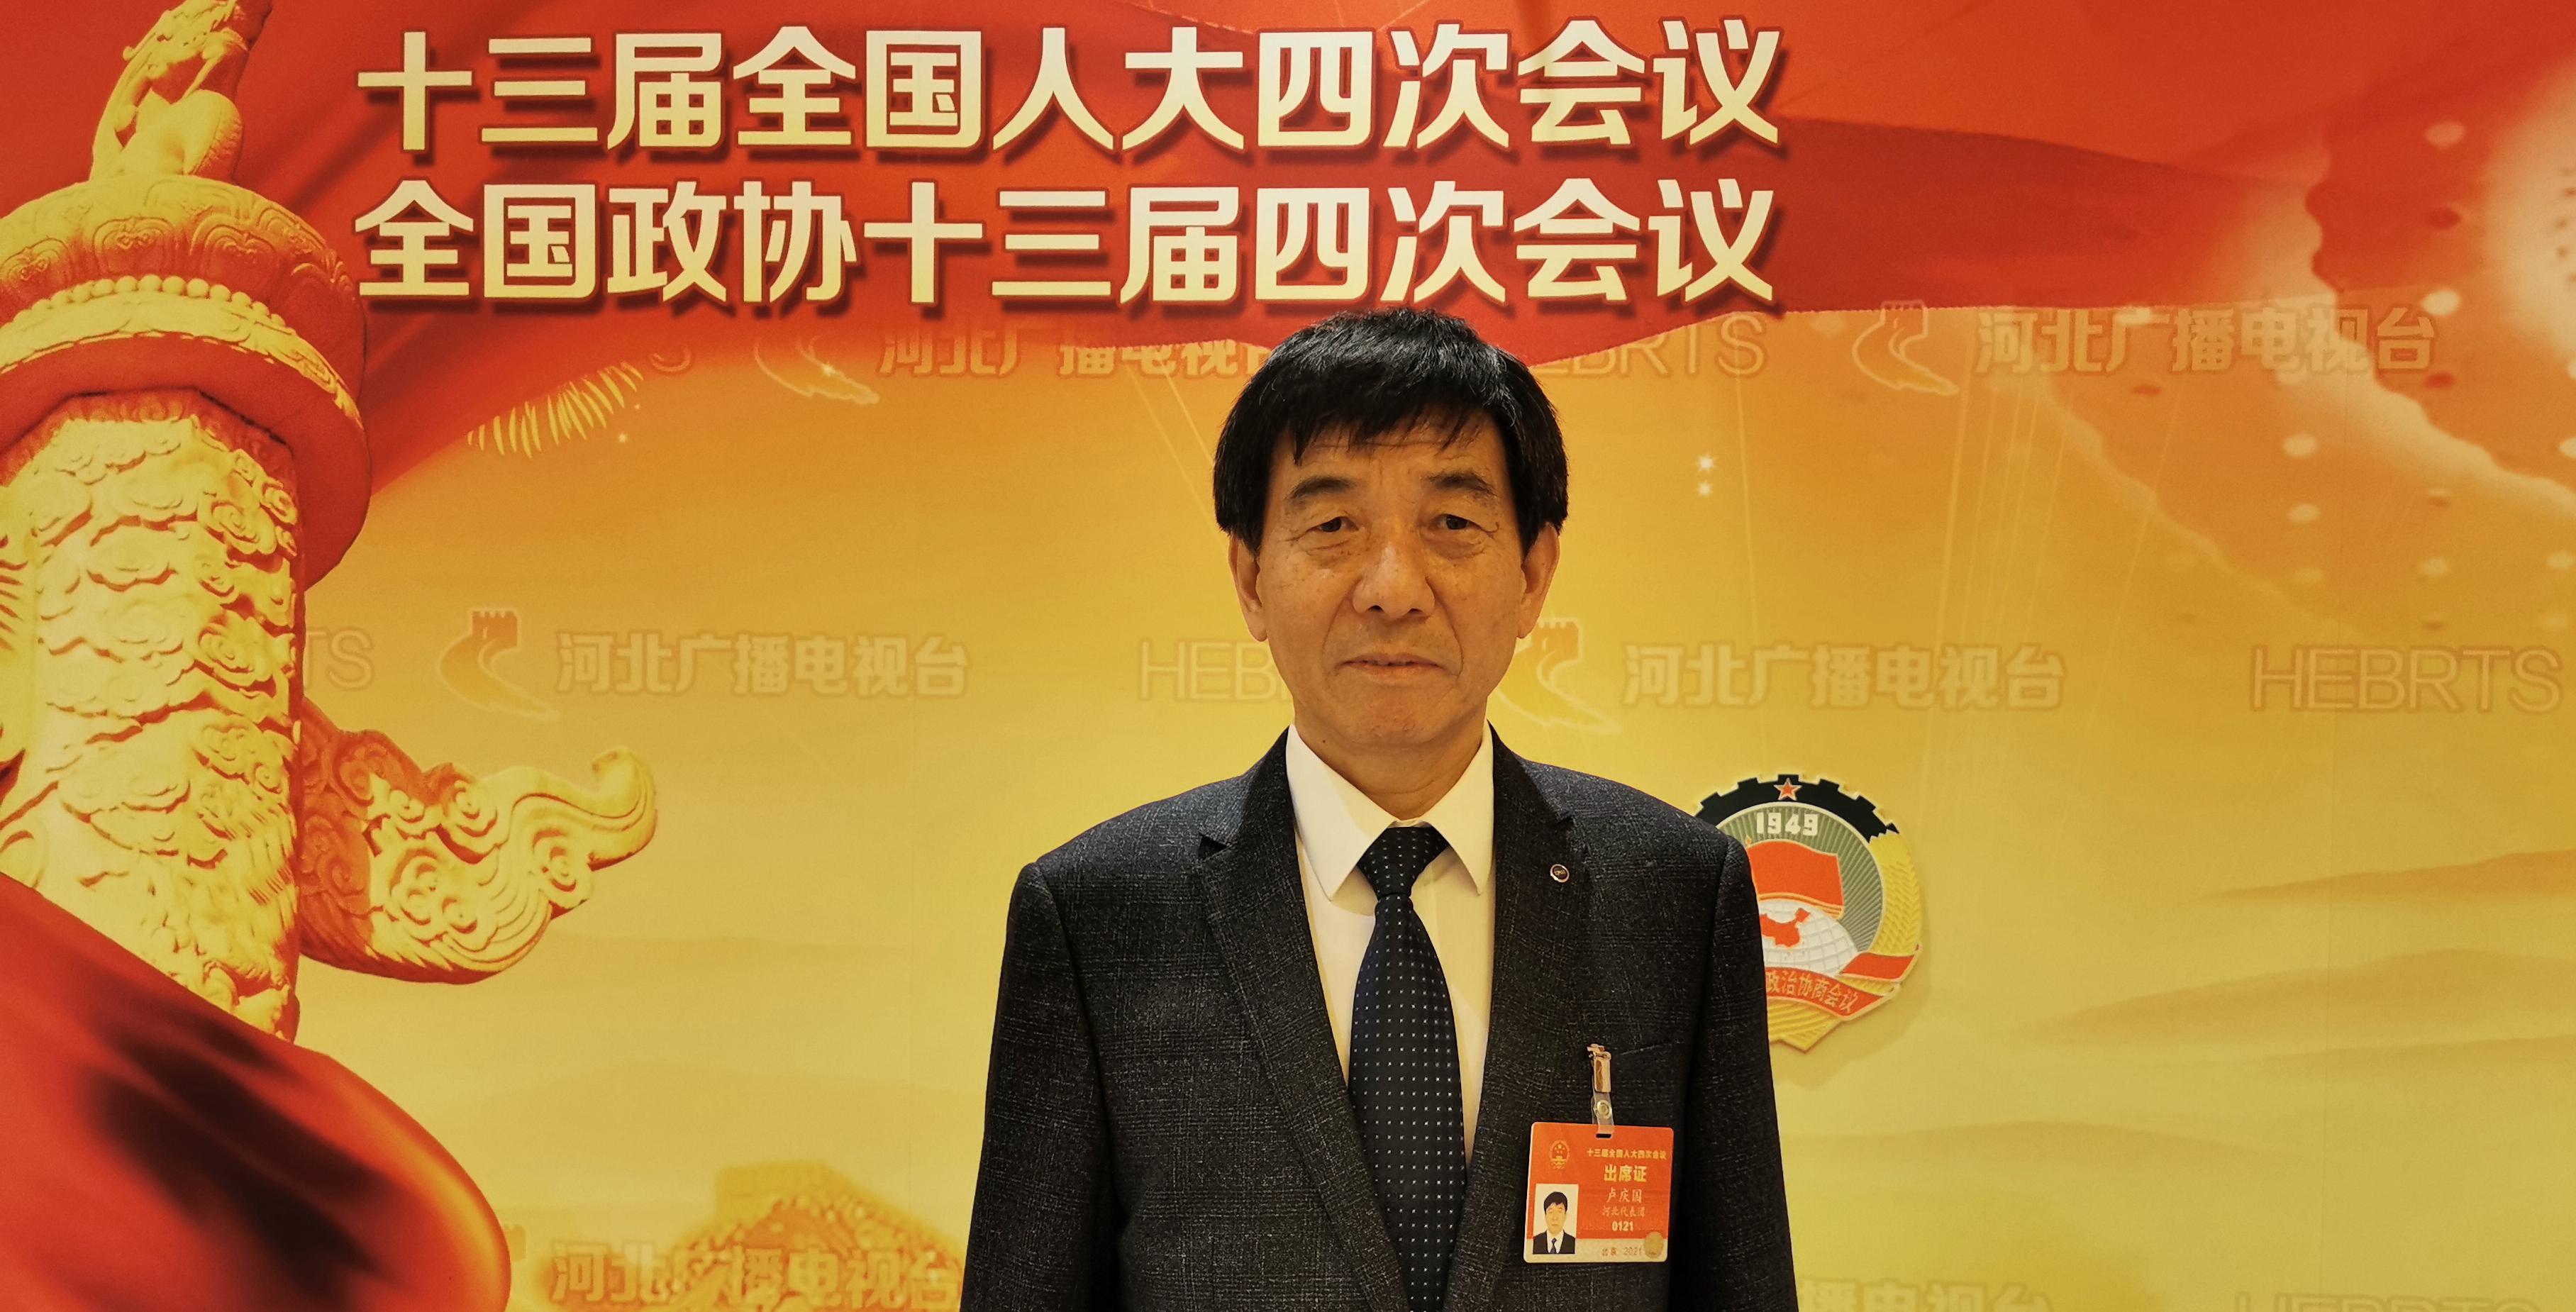 全国人大代表、晨光生物董事长卢庆国_副本.jpg